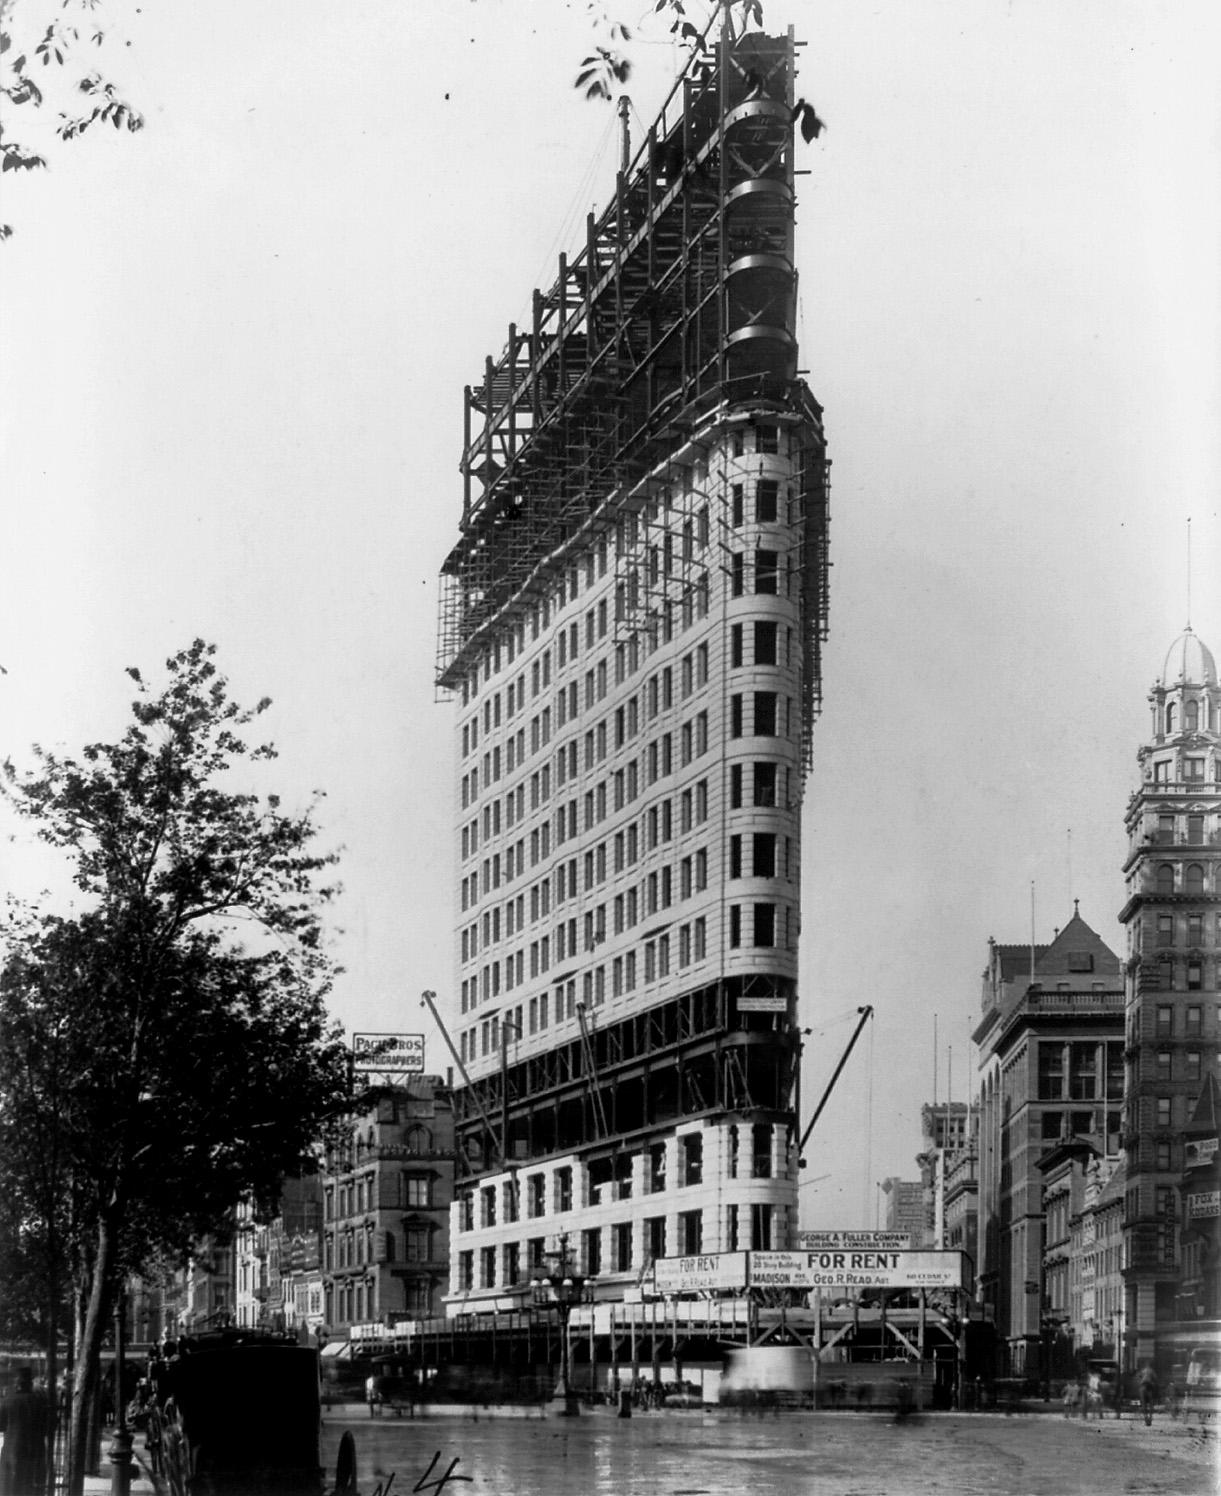 Empire State Building, 1930s - Photos - Manhattan under ... |City Under Construction